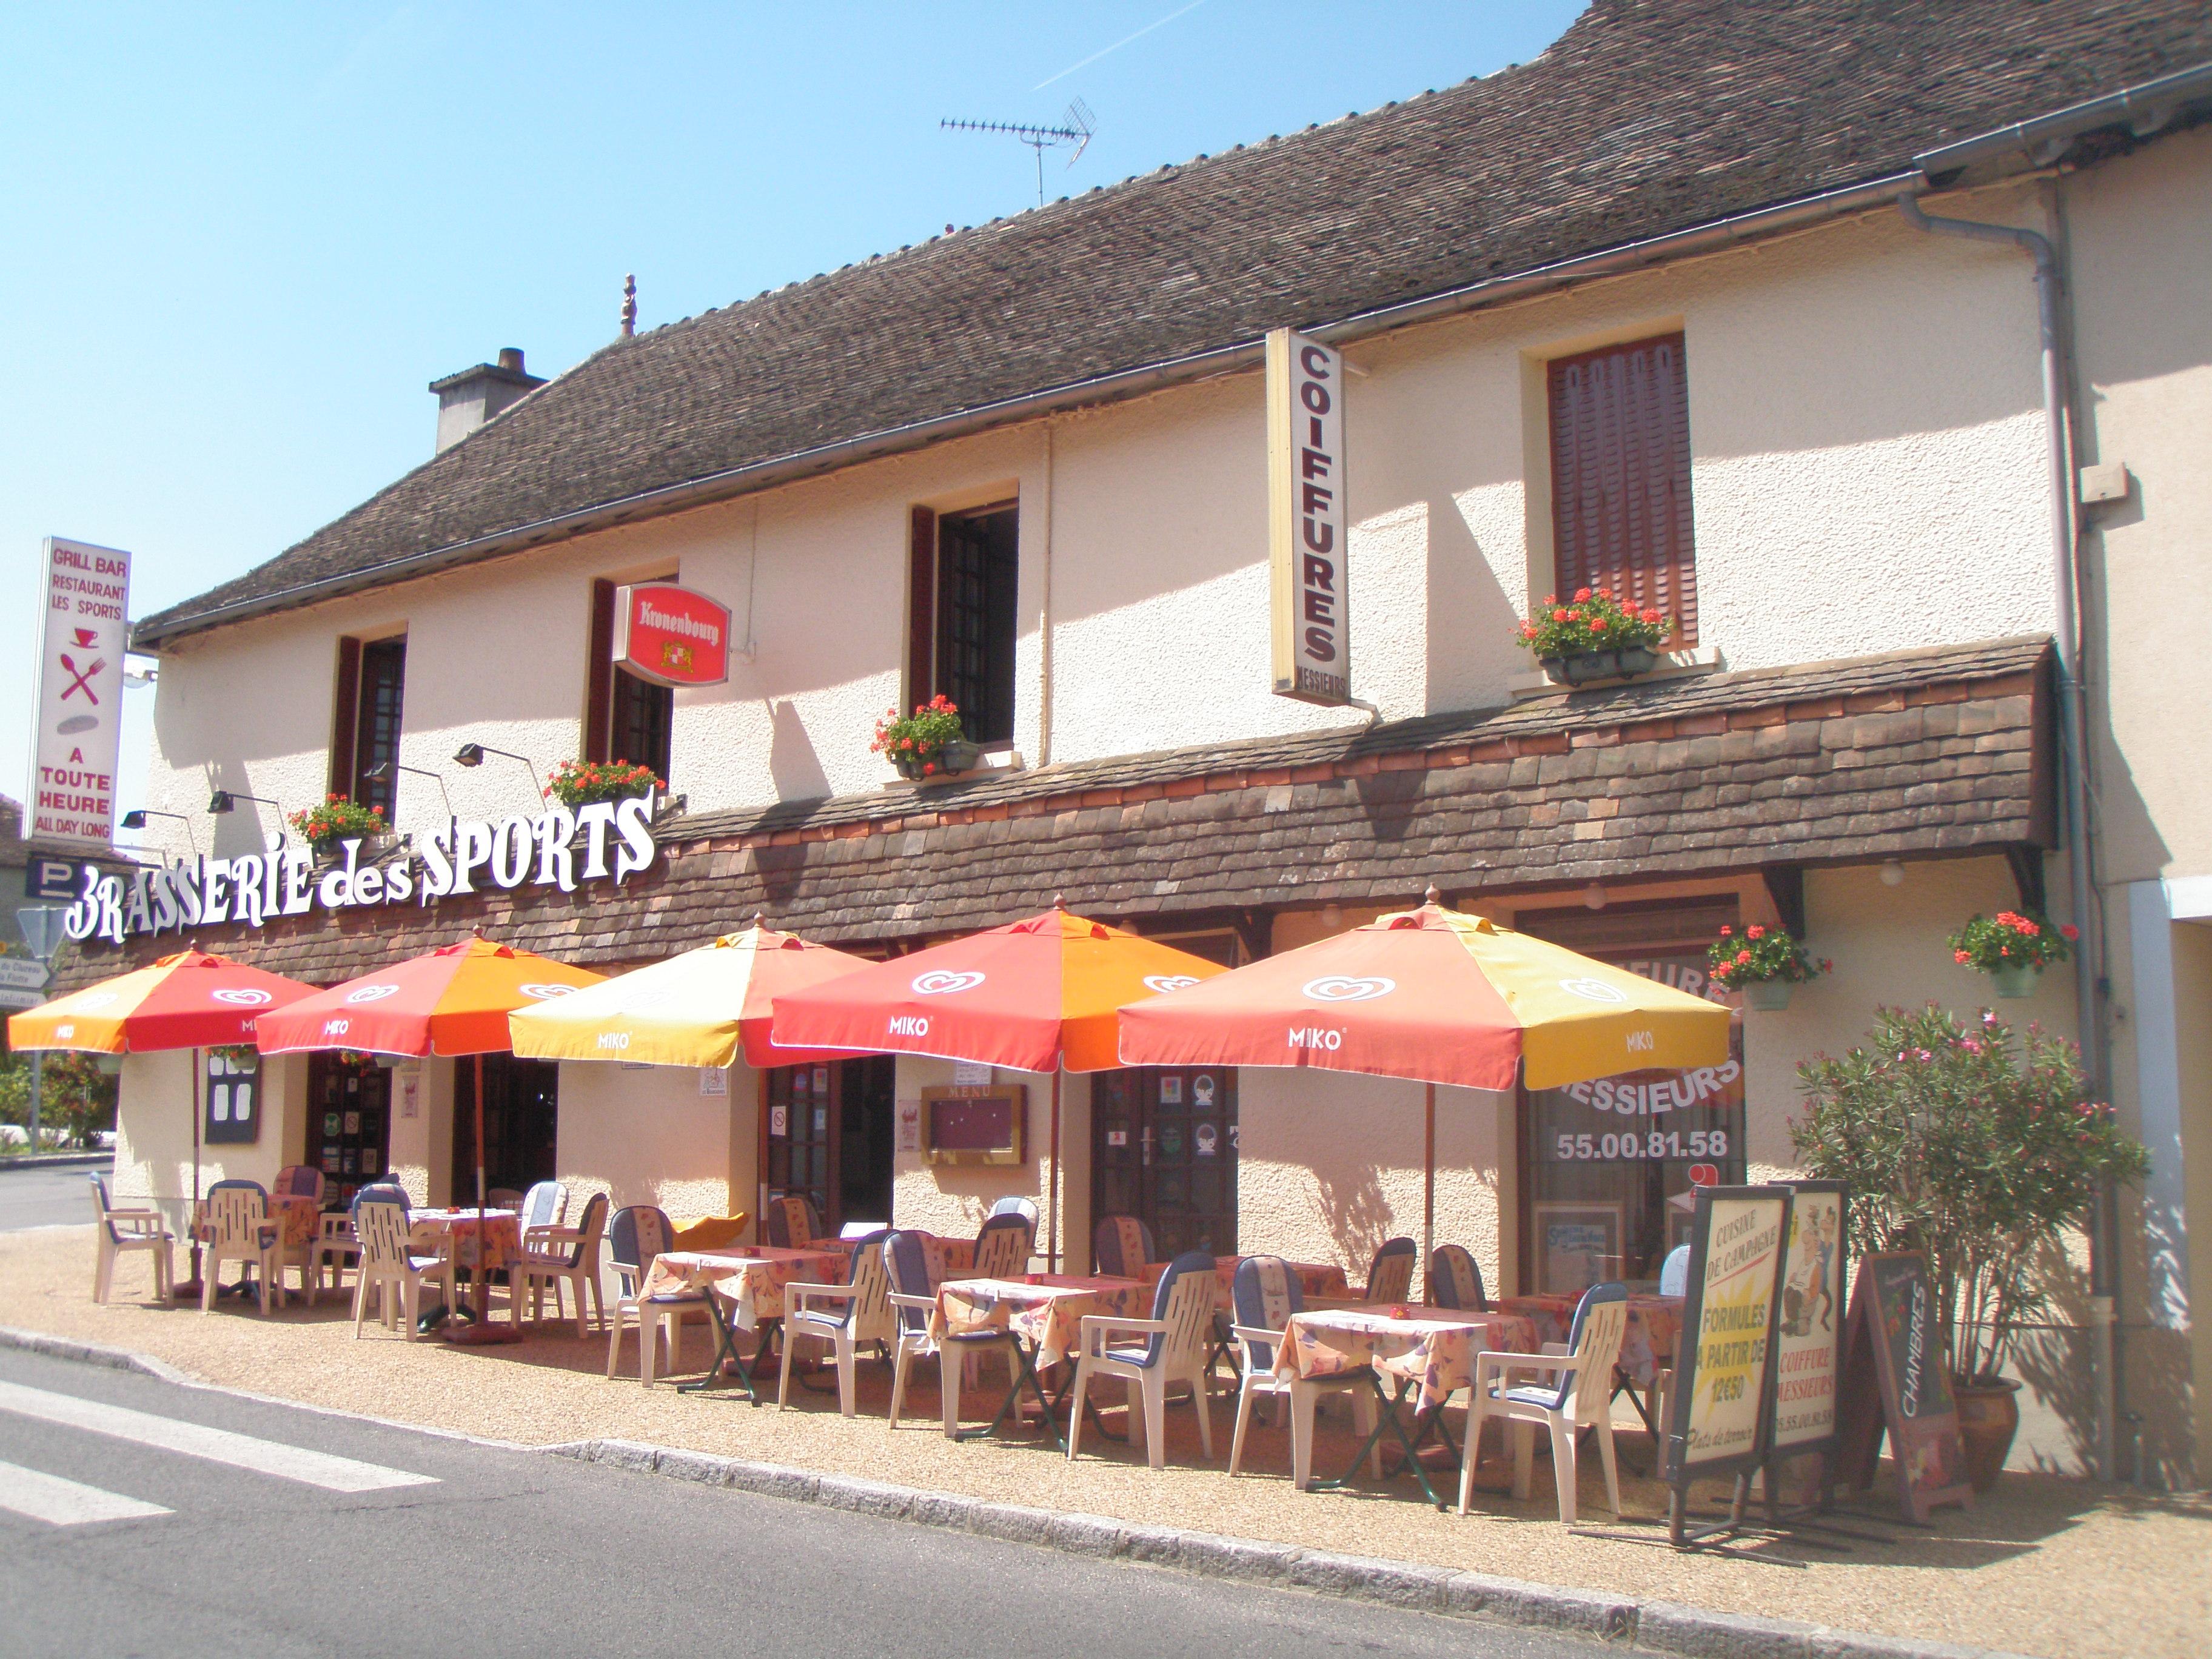 Restaurant restaurant l 39 aquarium magnac laval for Equipement restaurant laval